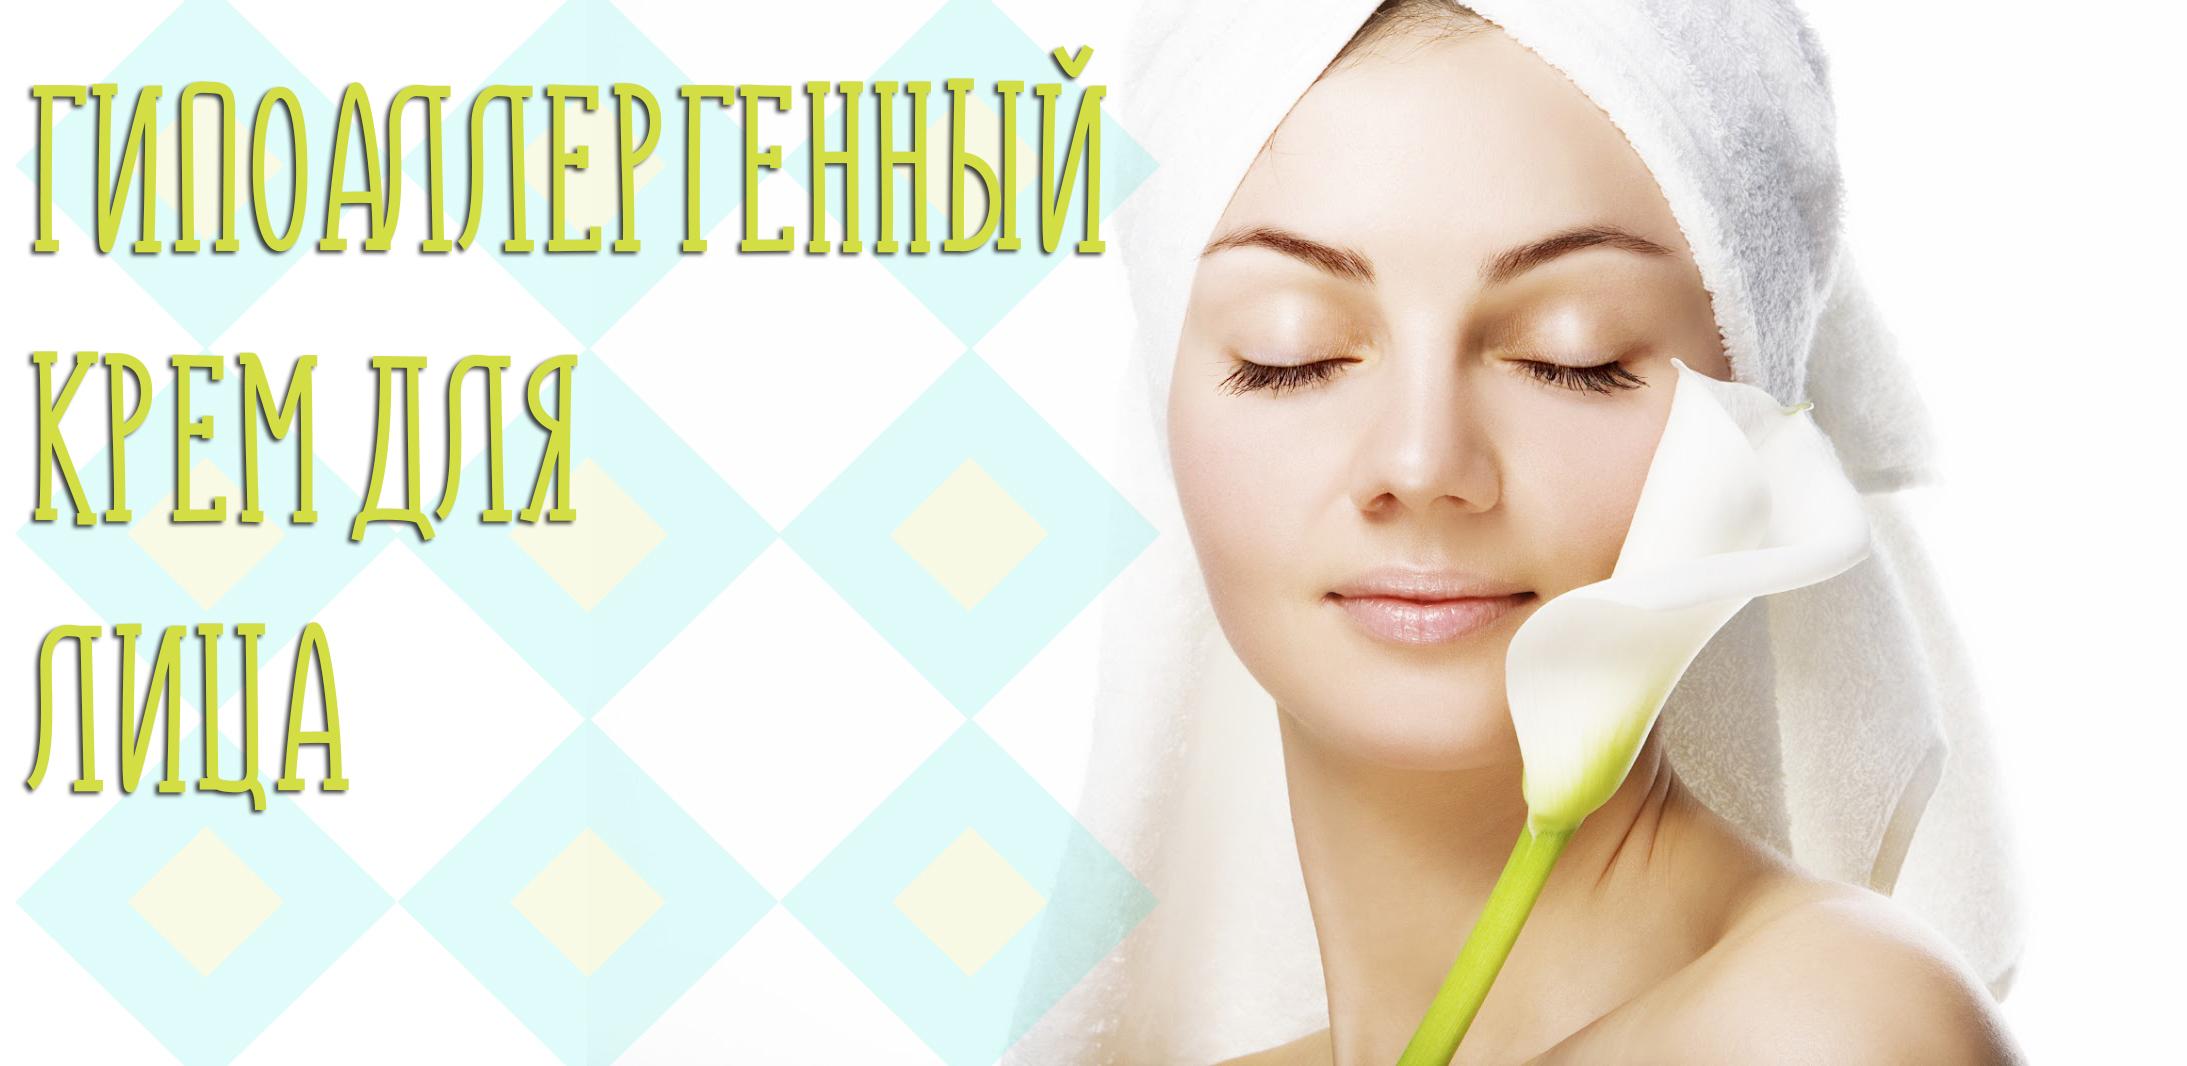 Солнцезащитный крем для лица: какой лучше выбрать и как правильно наносить